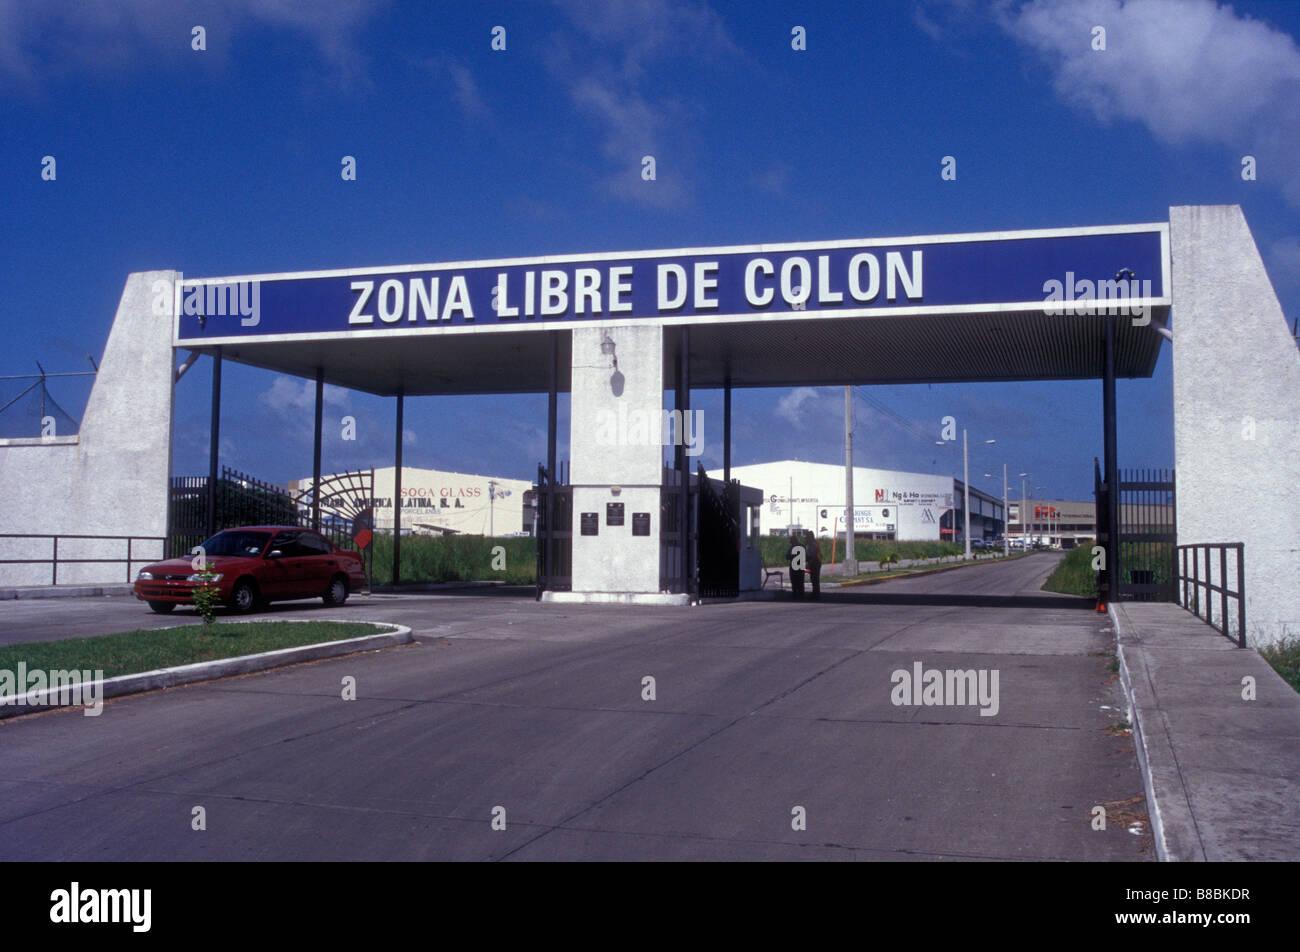 Entrée de la zone Duty Free ou Zona libre dans la ville de Colon, Panama Photo Stock